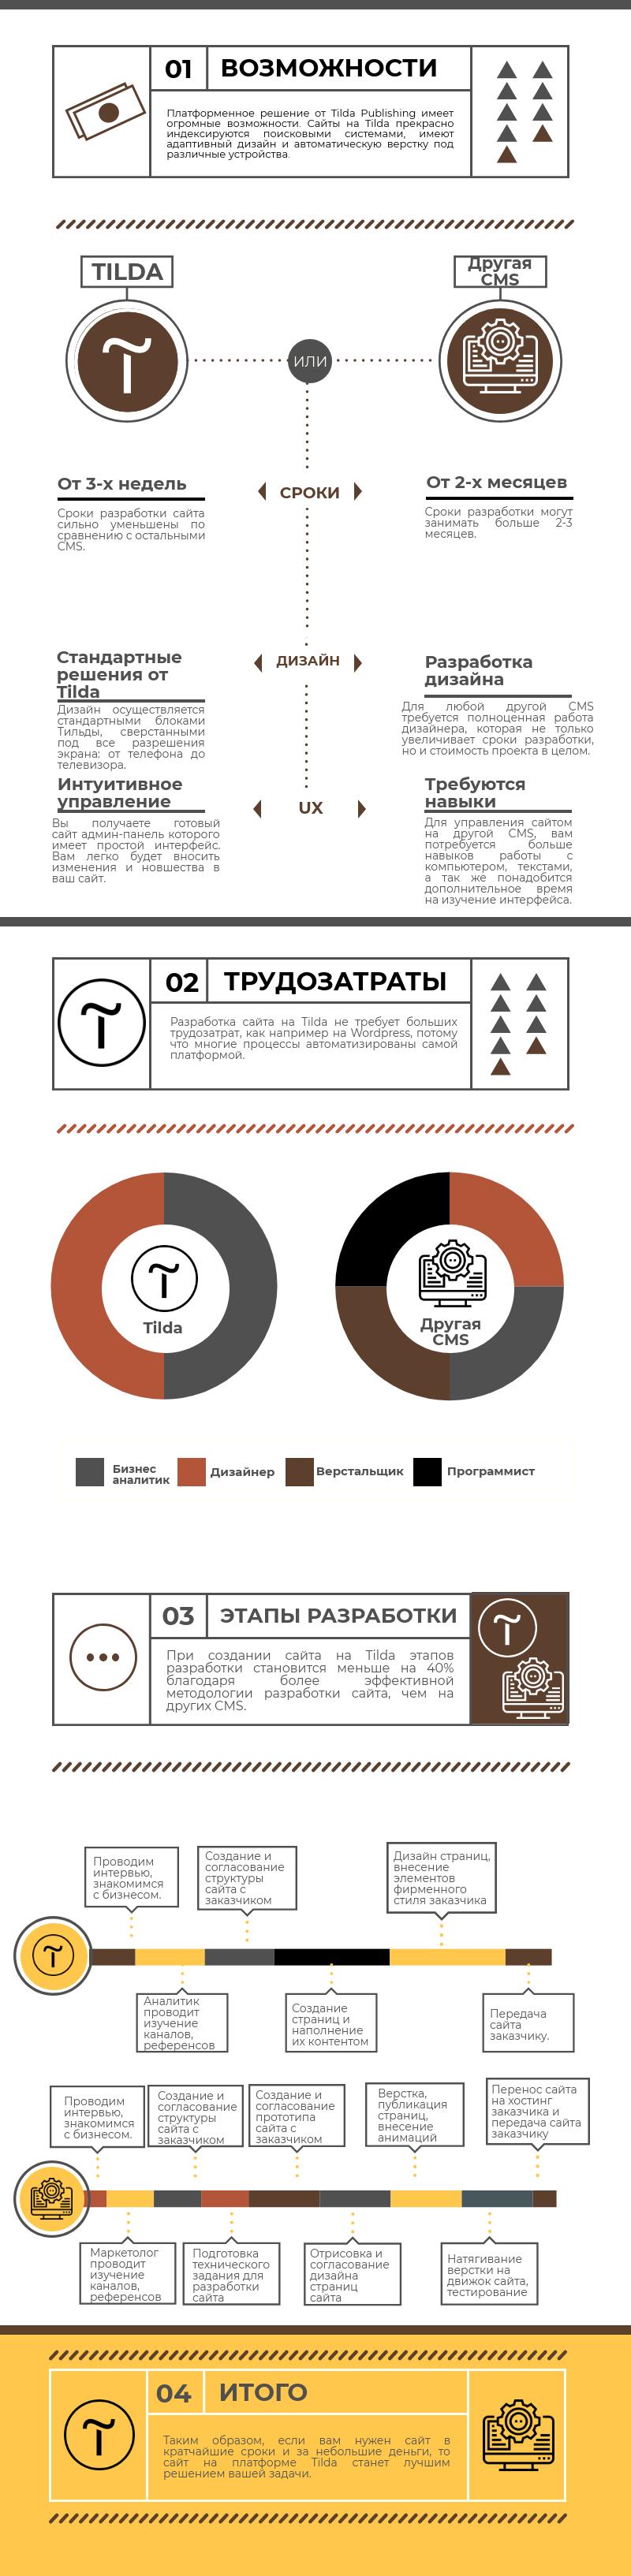 создание сайтов на Тильда в Ярославле веб студия Папин Сайт